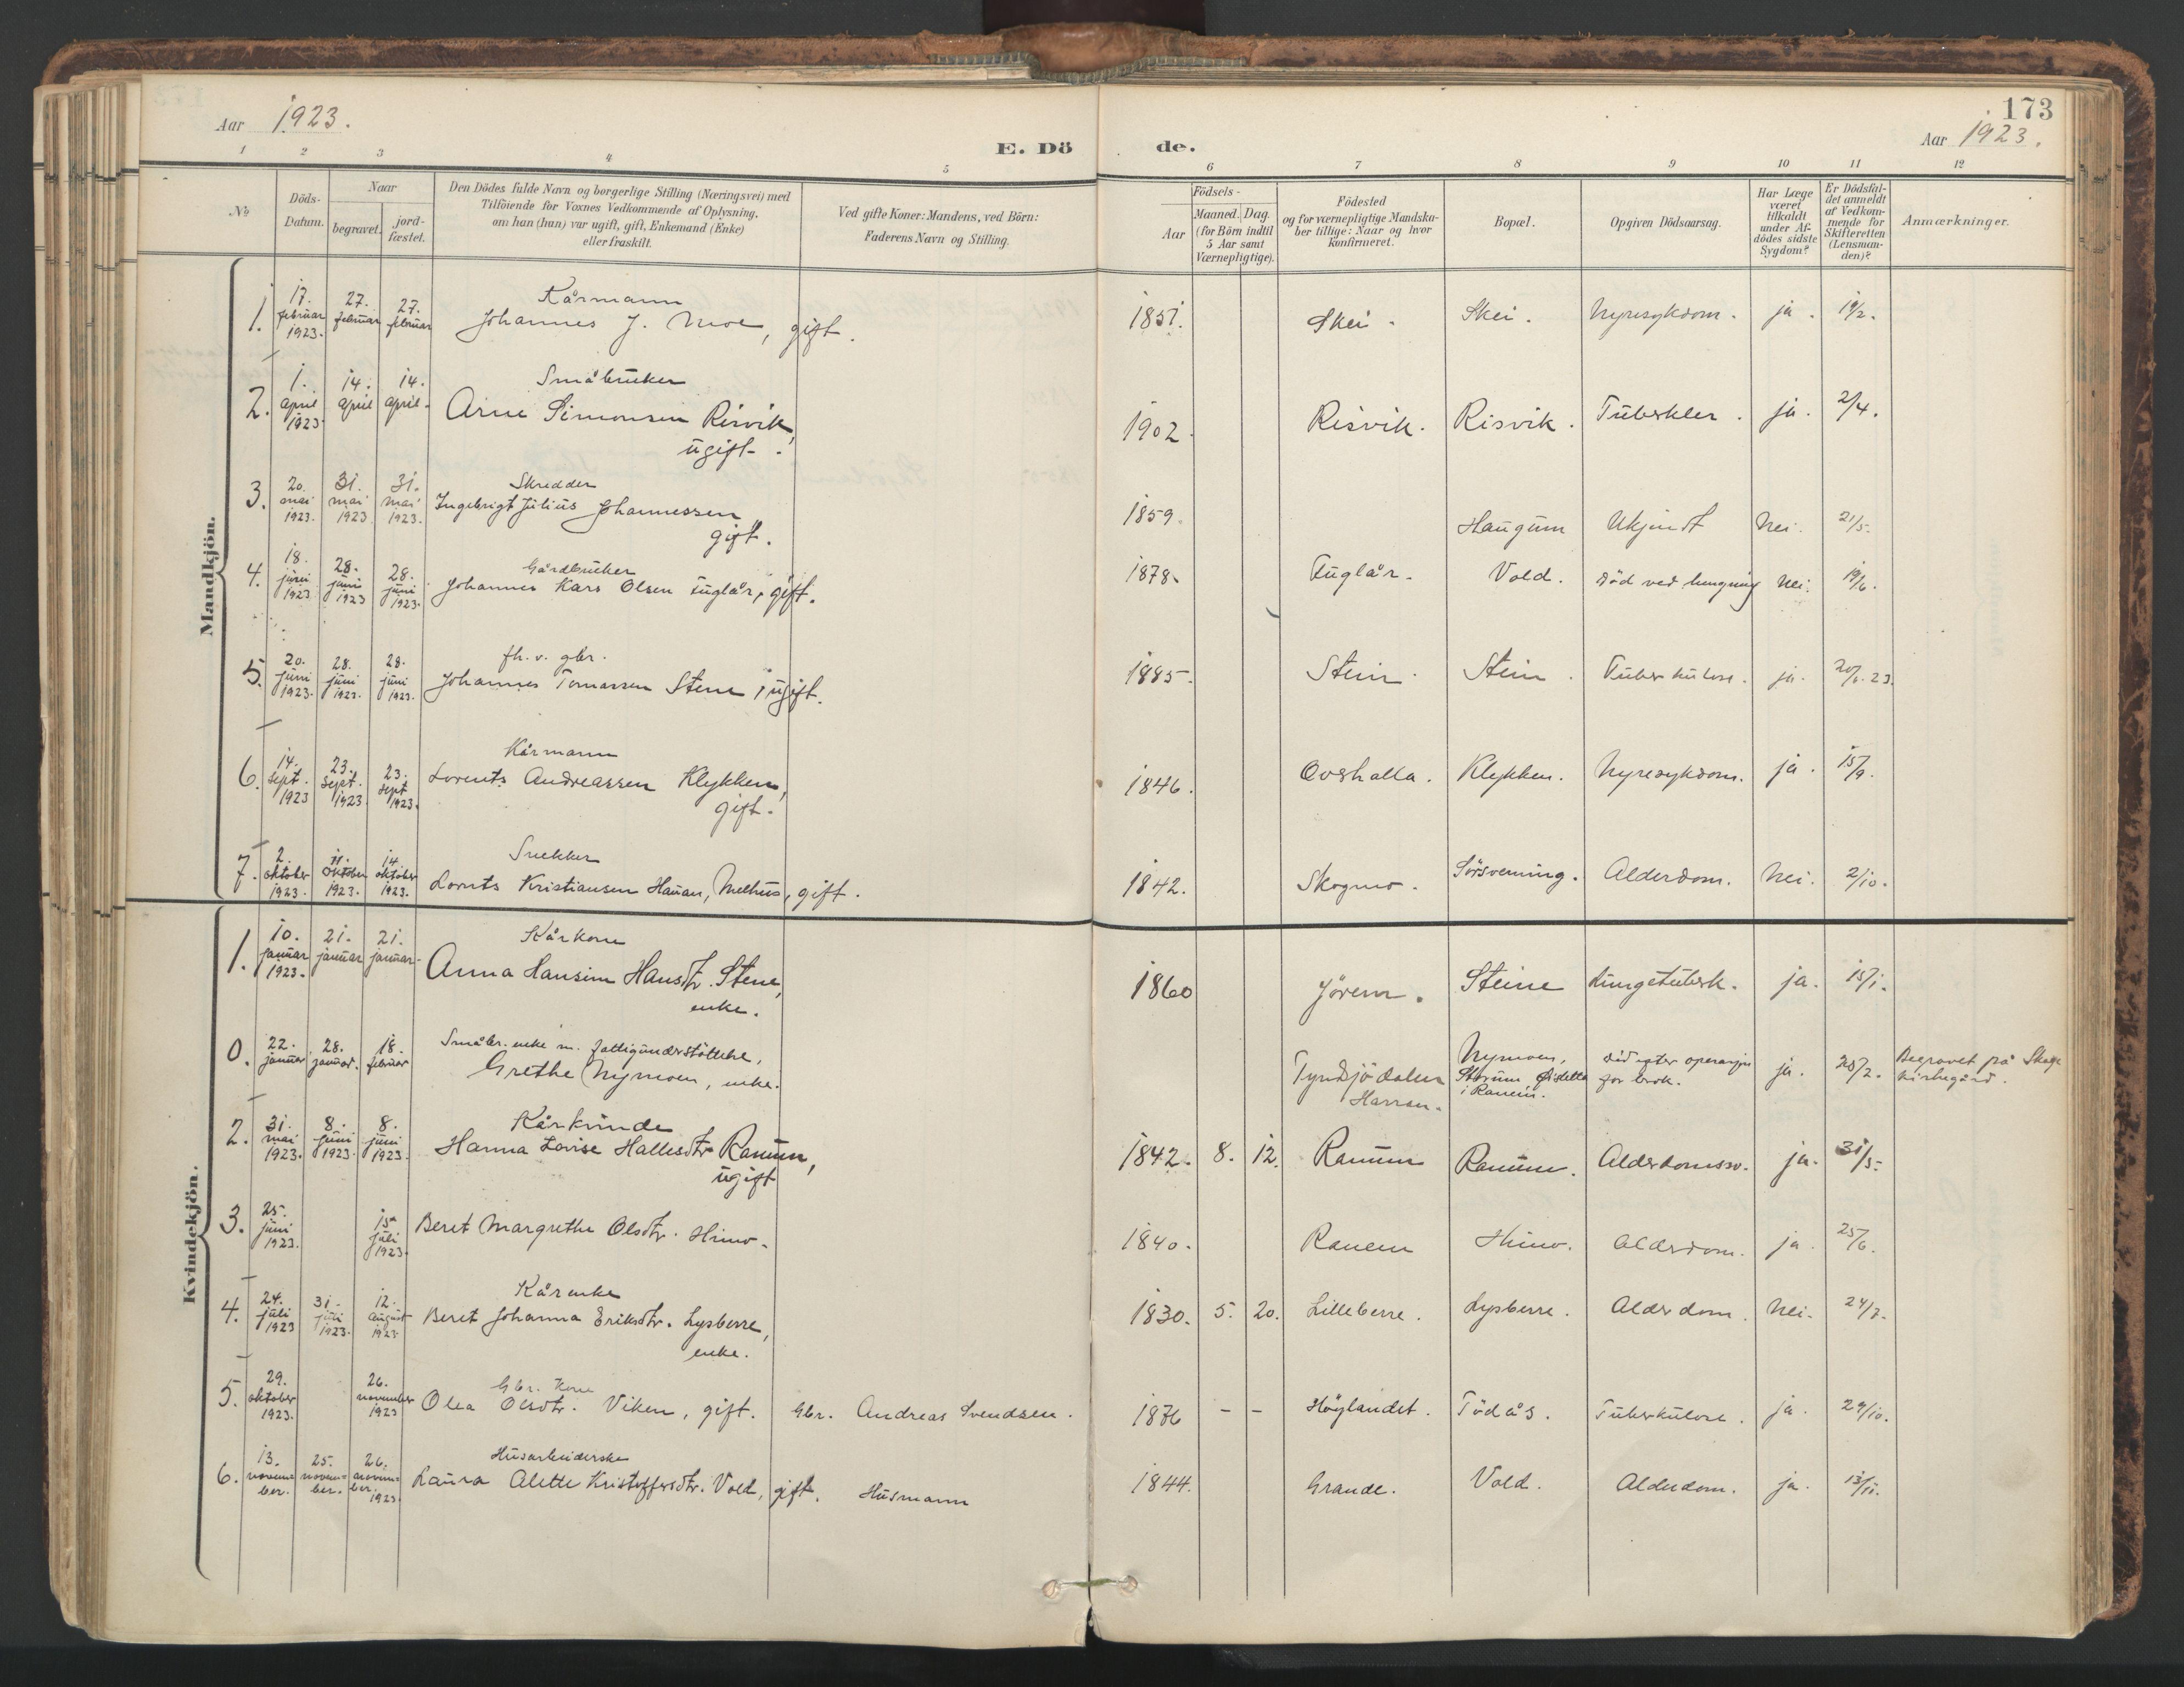 SAT, Ministerialprotokoller, klokkerbøker og fødselsregistre - Nord-Trøndelag, 764/L0556: Ministerialbok nr. 764A11, 1897-1924, s. 173